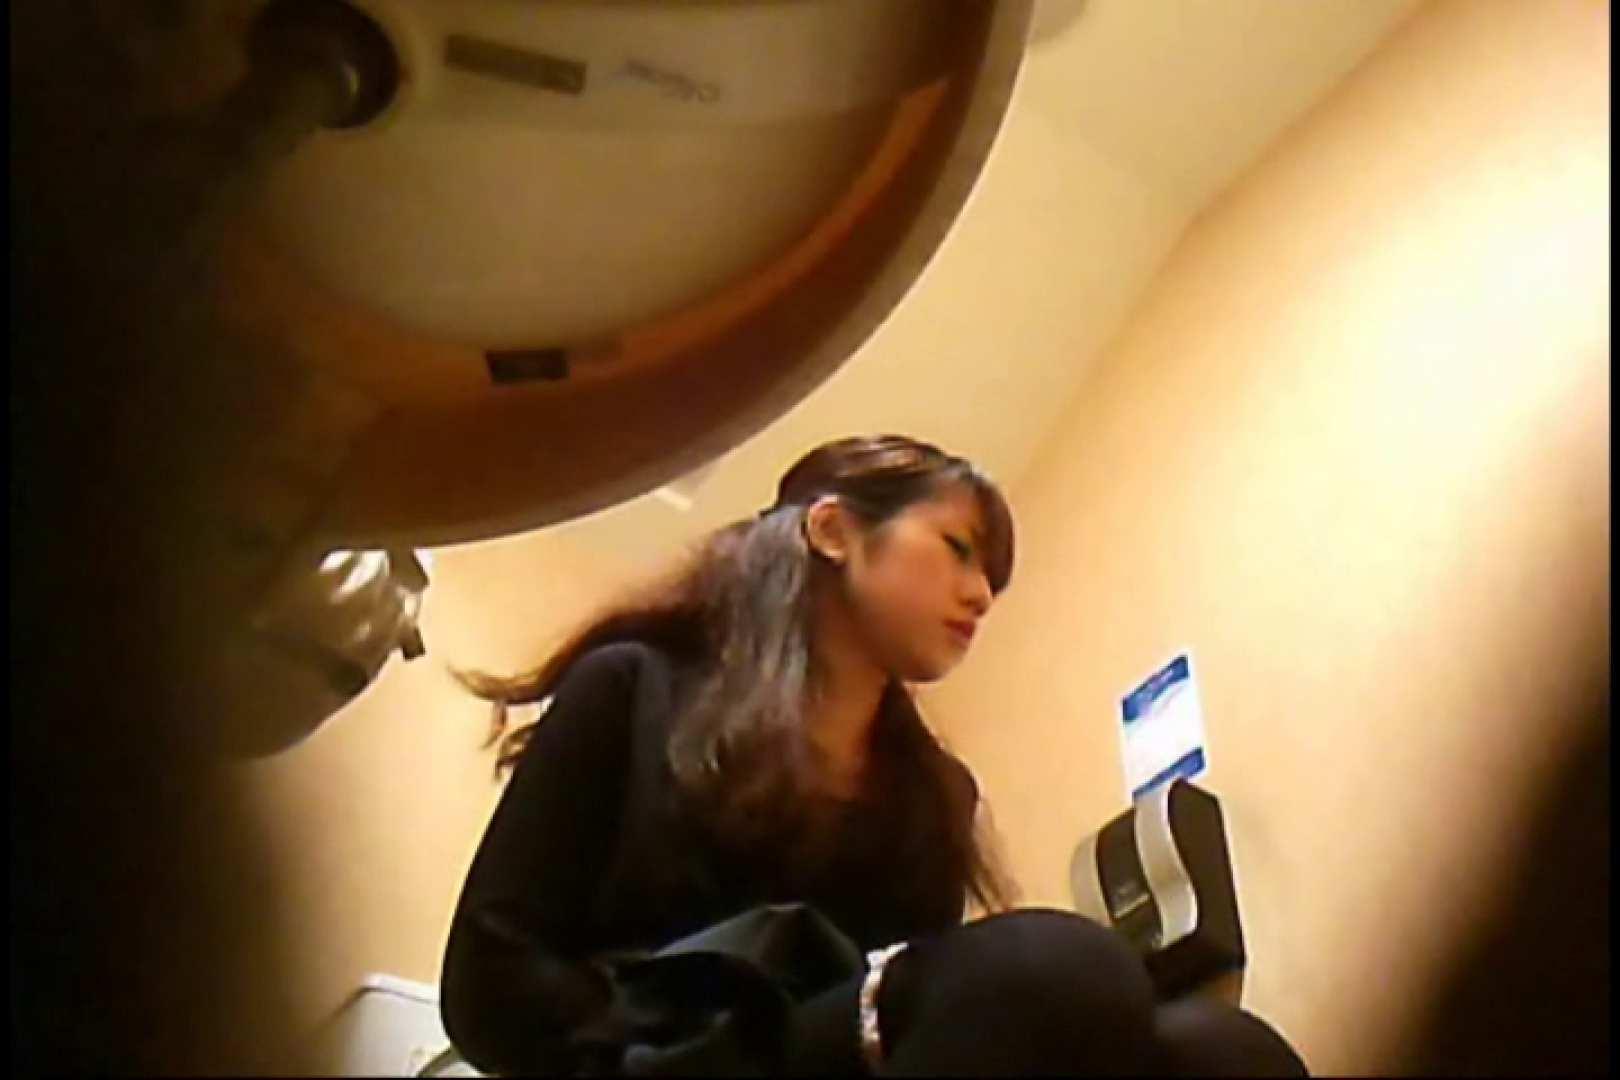 潜入!!女子化粧室盗撮~絶対見られたくない時間~vo,42 盗撮 | 潜入シリーズ  98pic 77